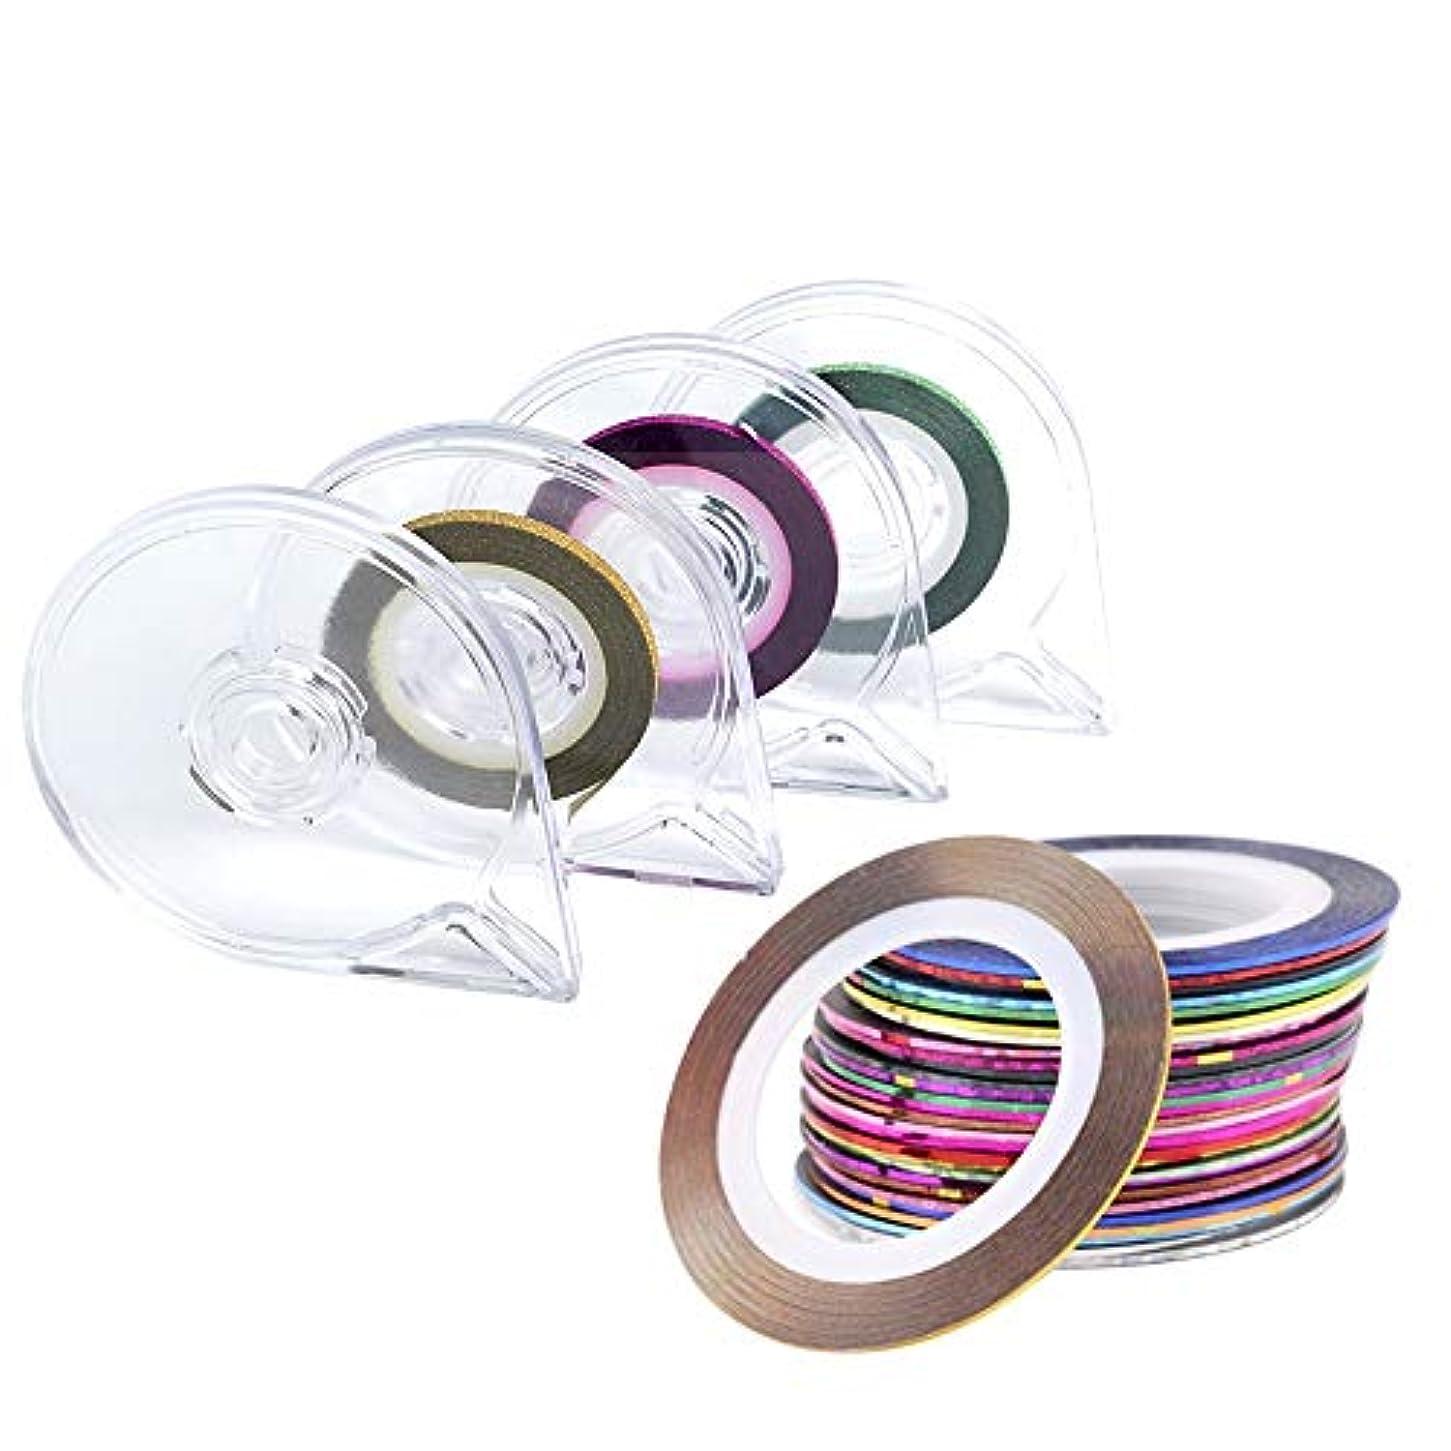 時間とともにバイソン村ラインテープネイルアート用 ラインテープ シート ジェルネイル用 マニキュア セット ジェルネイル アート用ラインテープ 専用ケース付き 30ピース (Color : Mixed Colour)